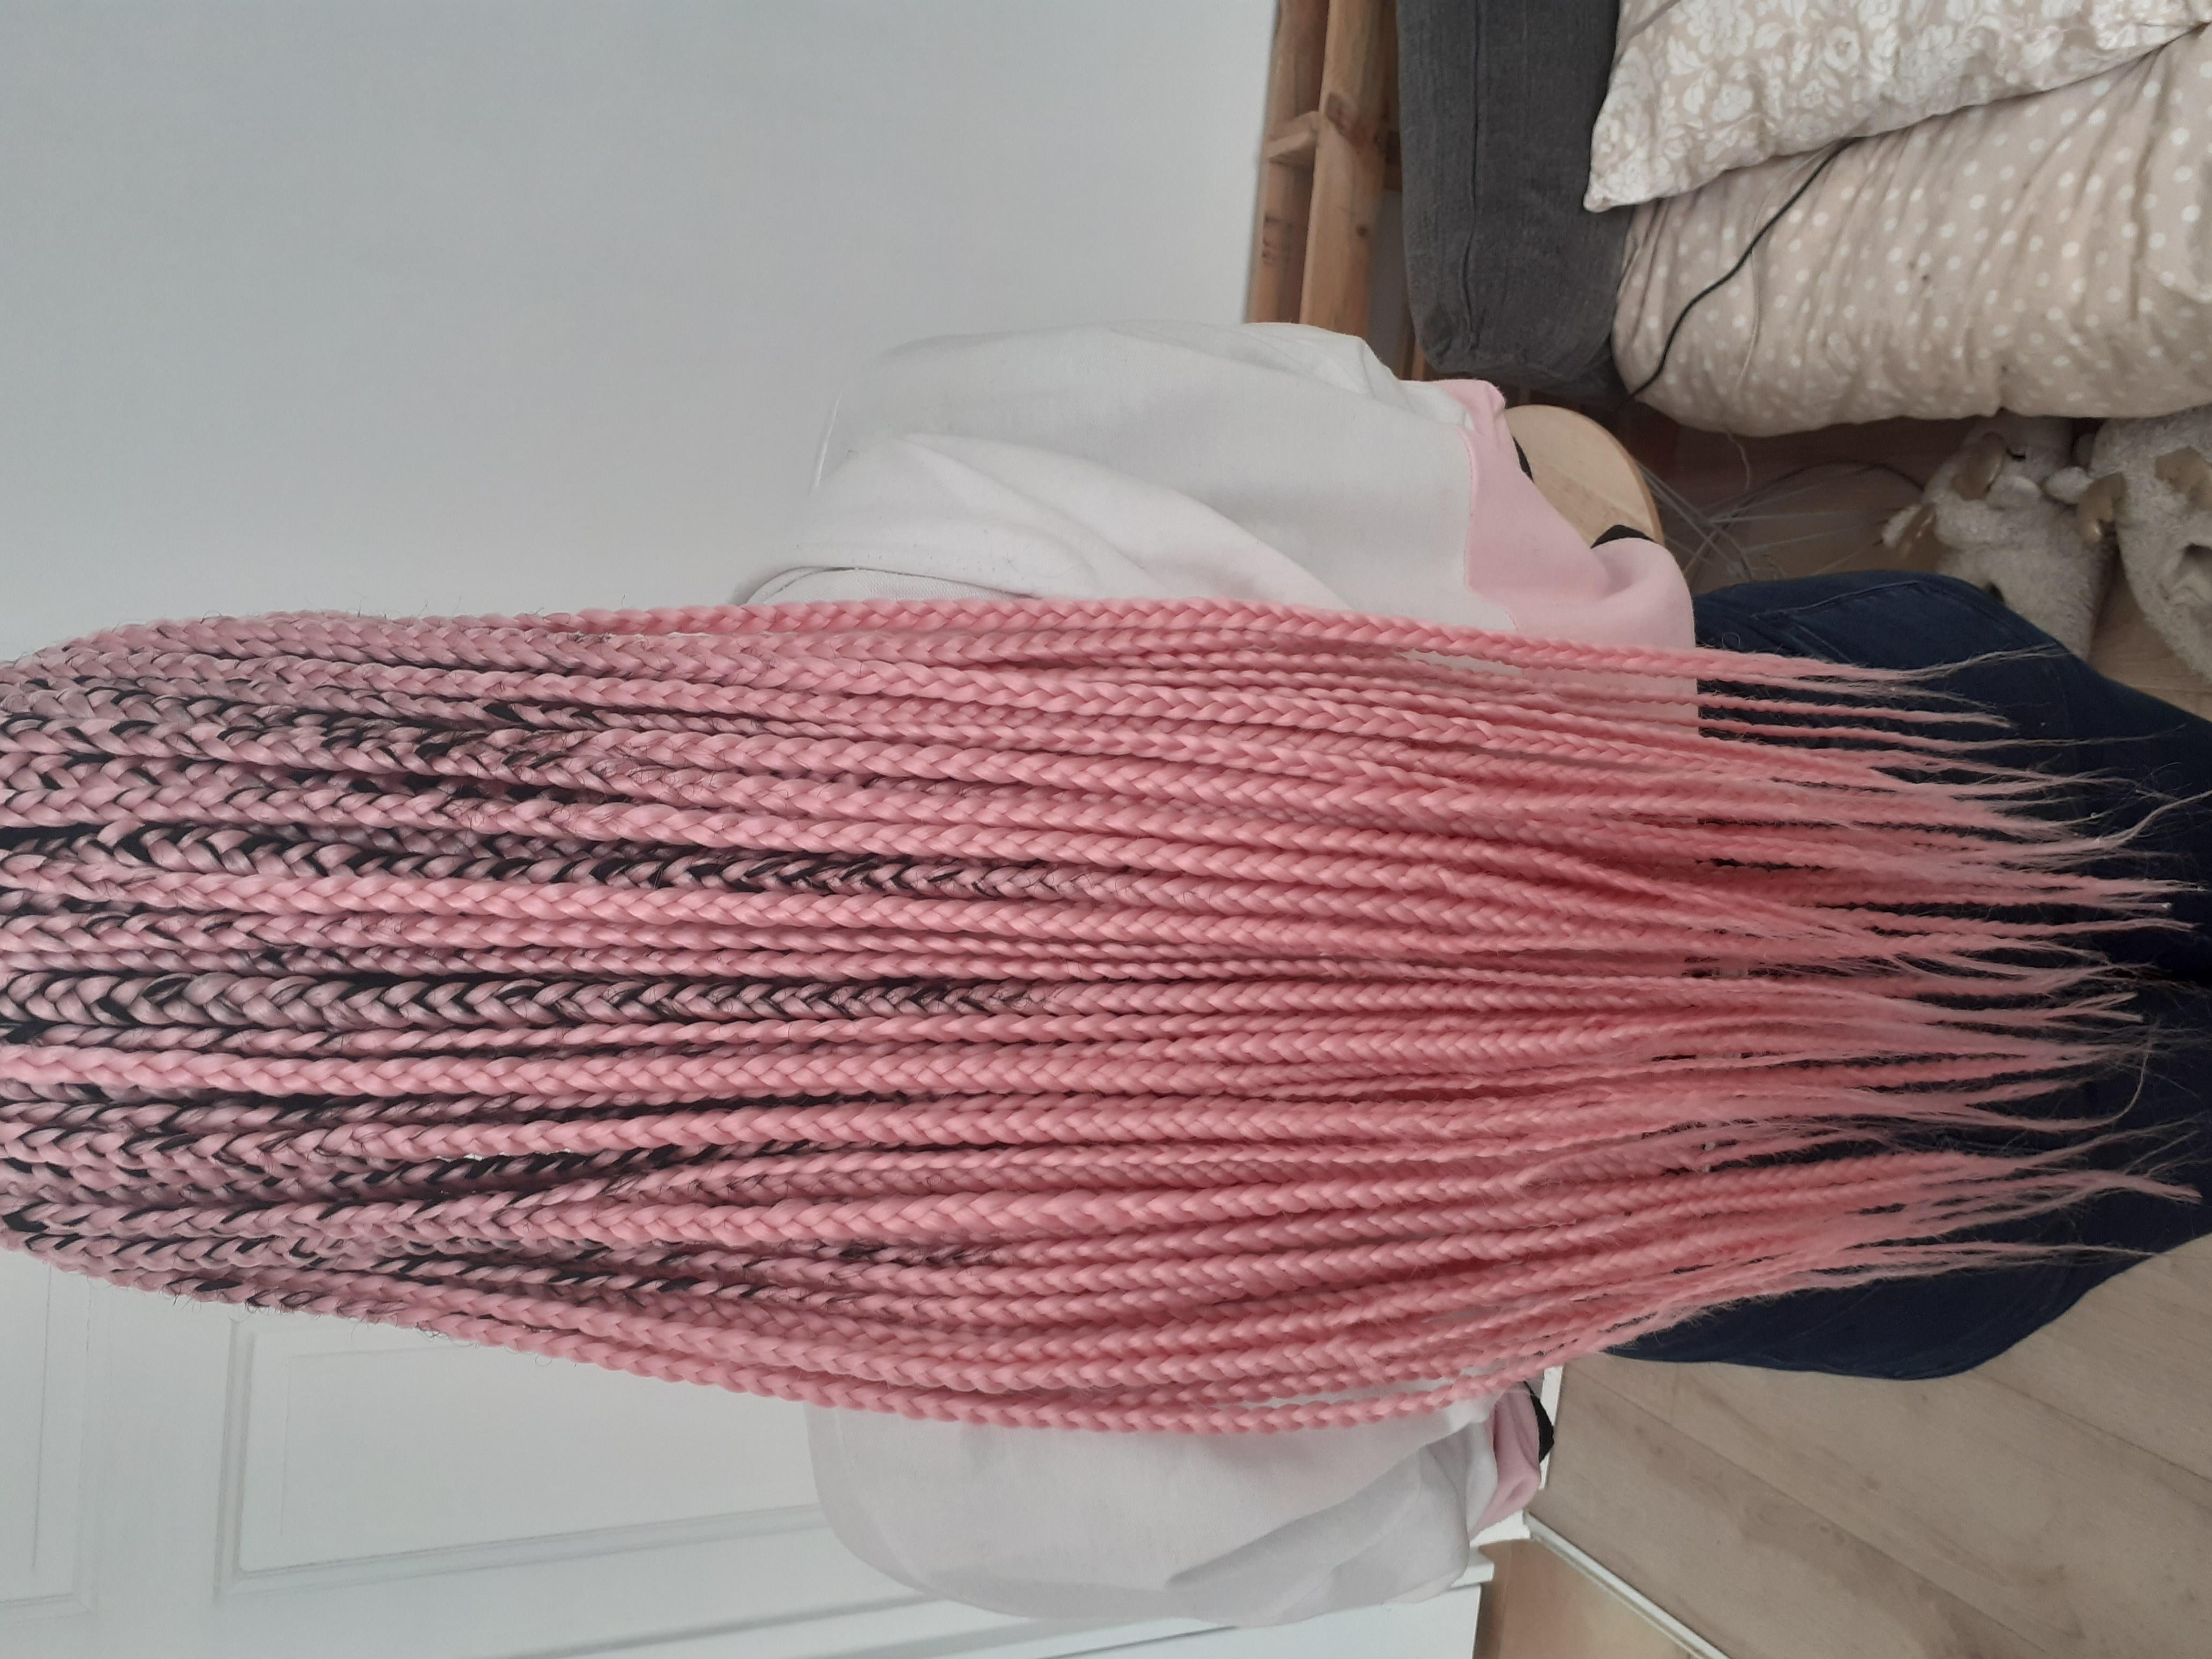 salon de coiffure afro tresse tresses box braids crochet braids vanilles tissages paris 75 77 78 91 92 93 94 95 OUMNHETS